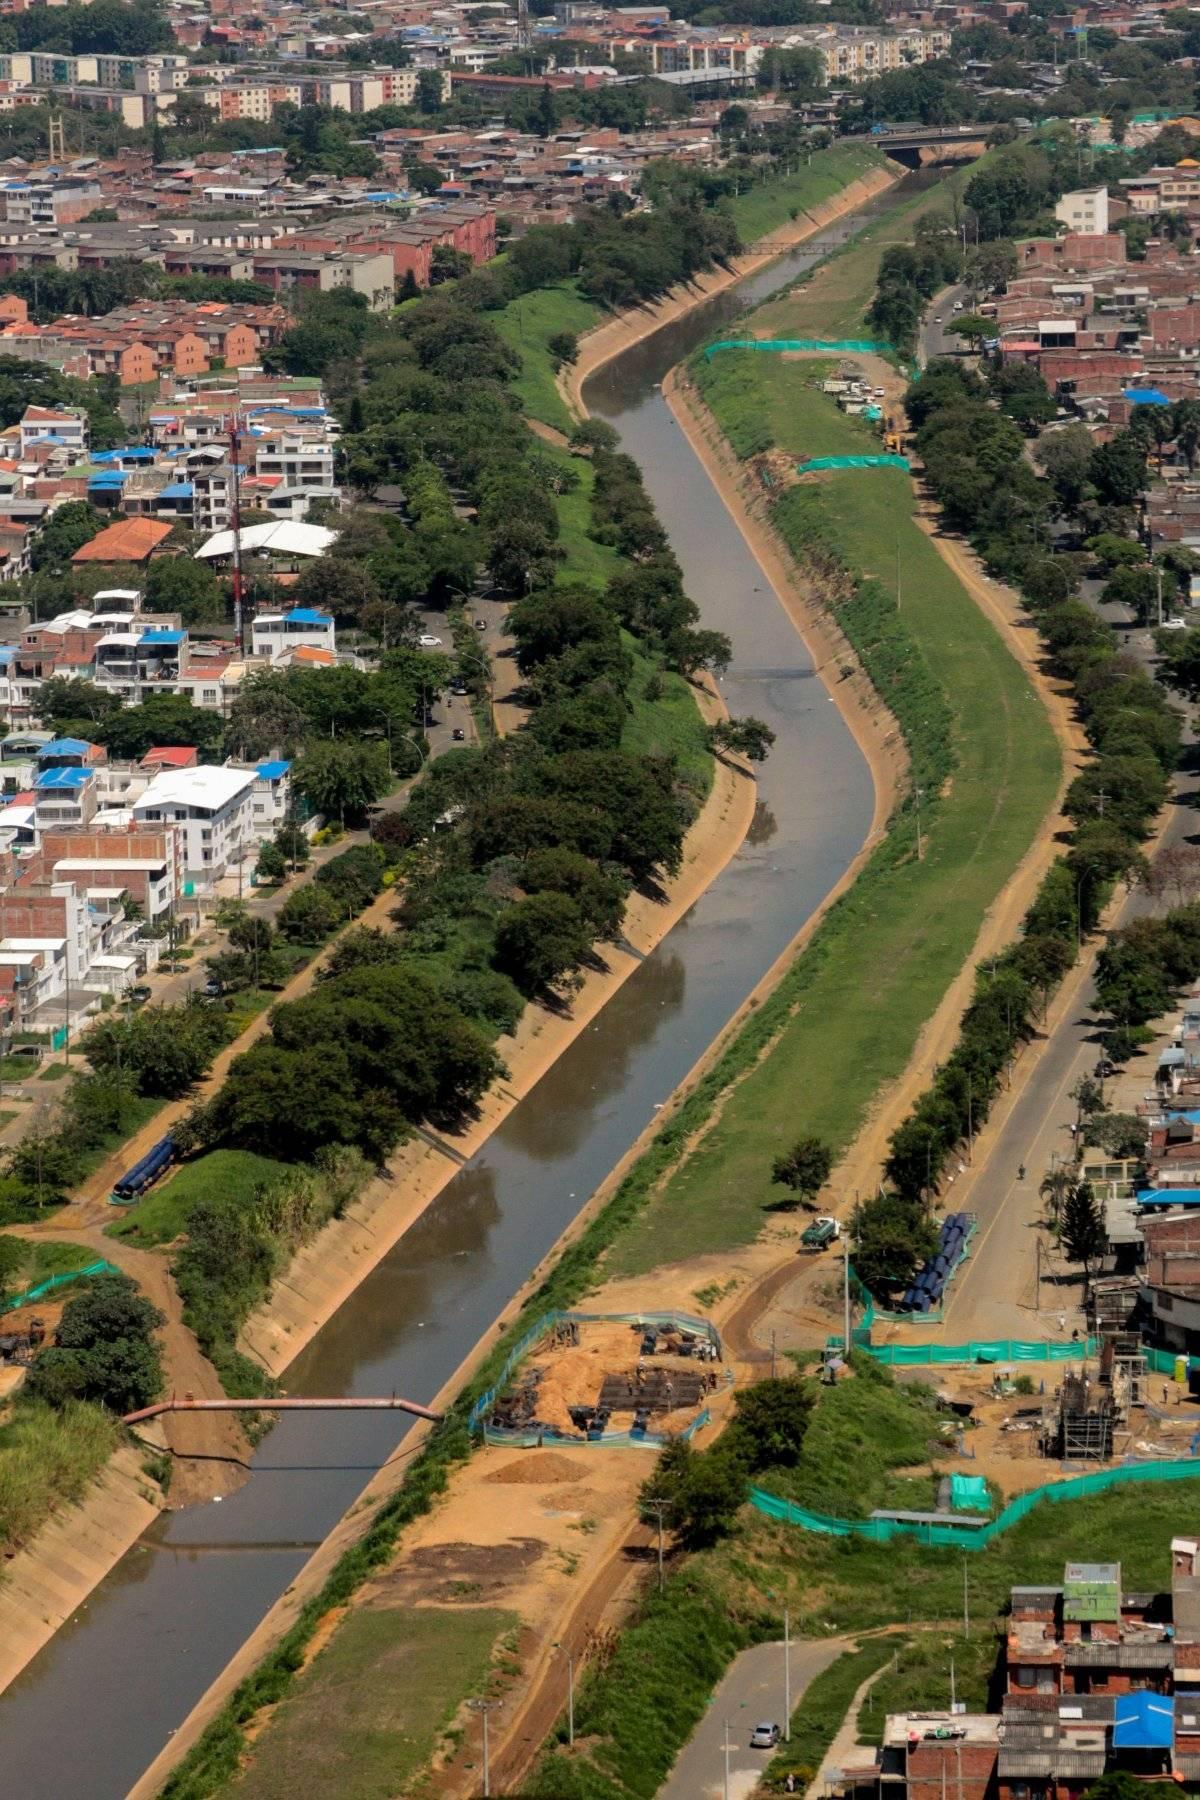 El canal oriental es el encargado de recolectar las aguas lluvia que caen en la ciudad y conducirlas a la estación de bombeo Paso del Comercio para evitar inundaciones. Foto: Hroy Chávez